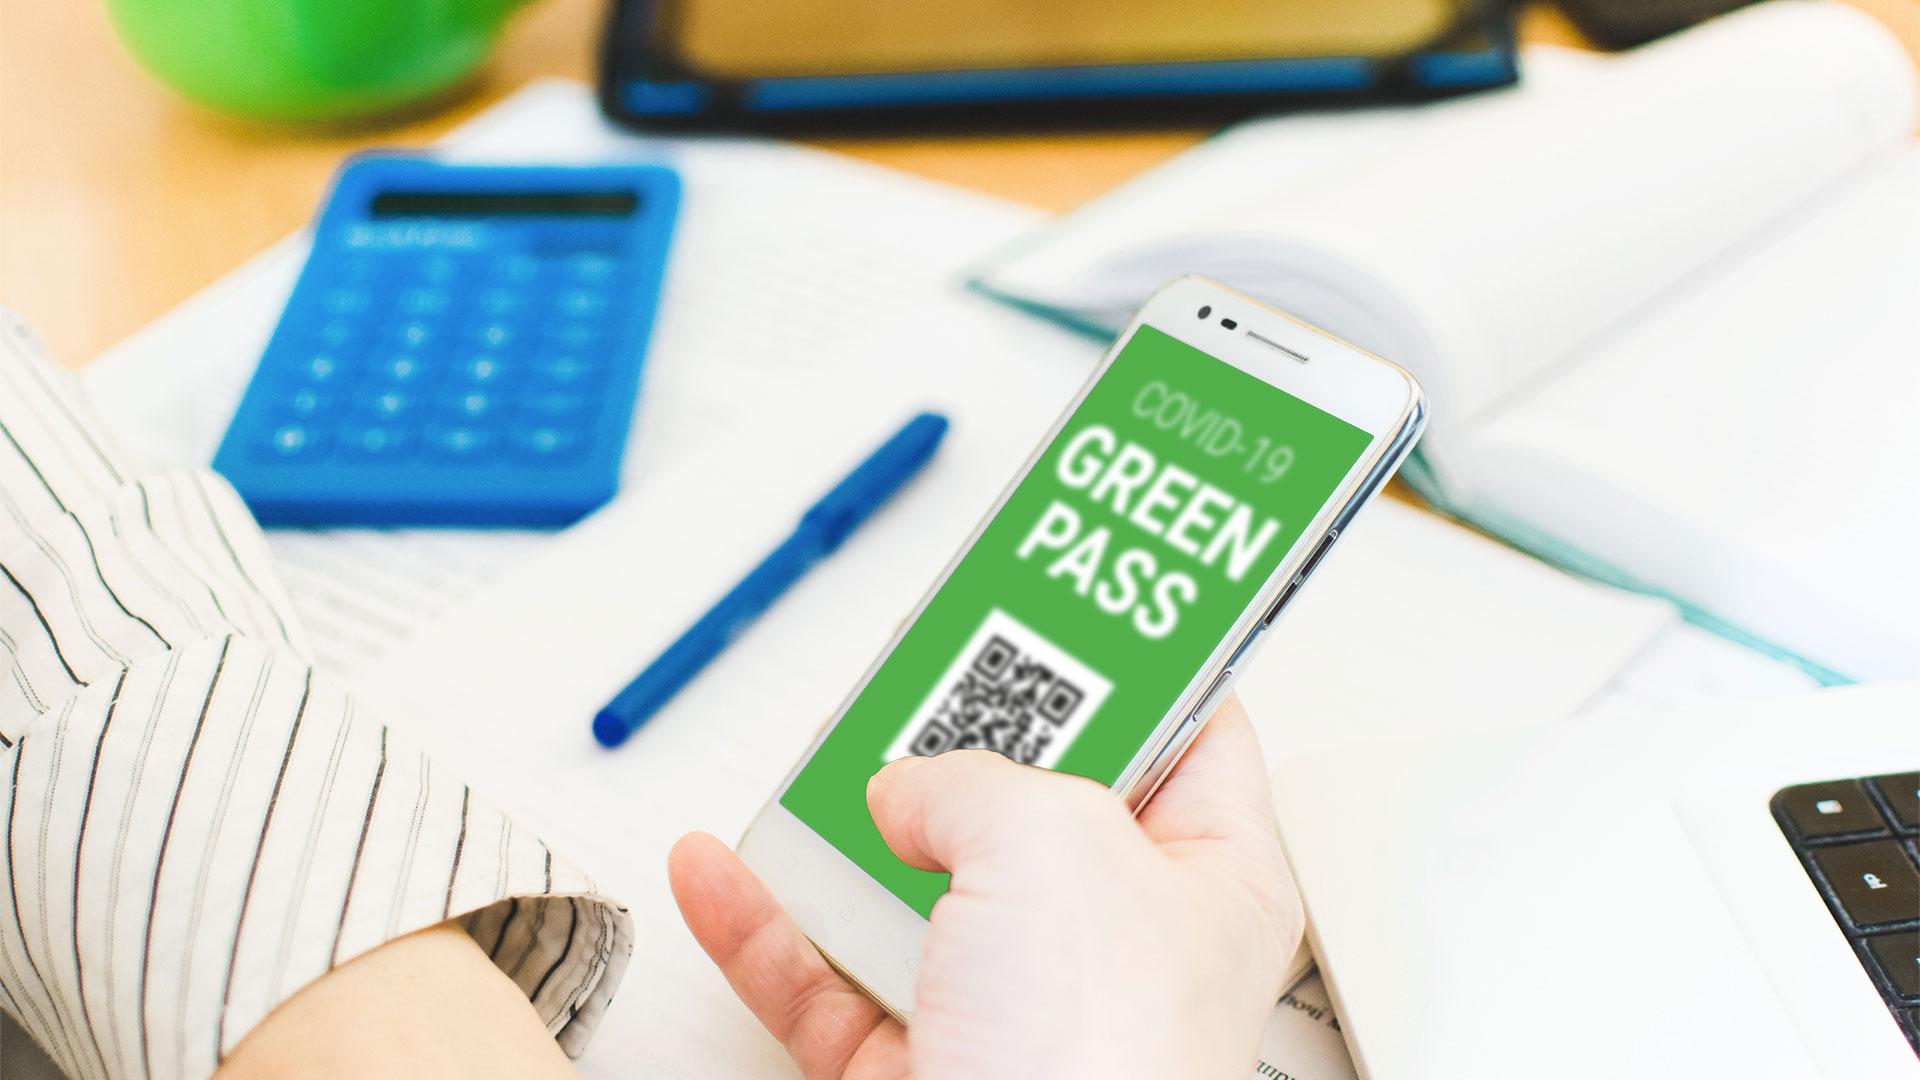 green pass azienda